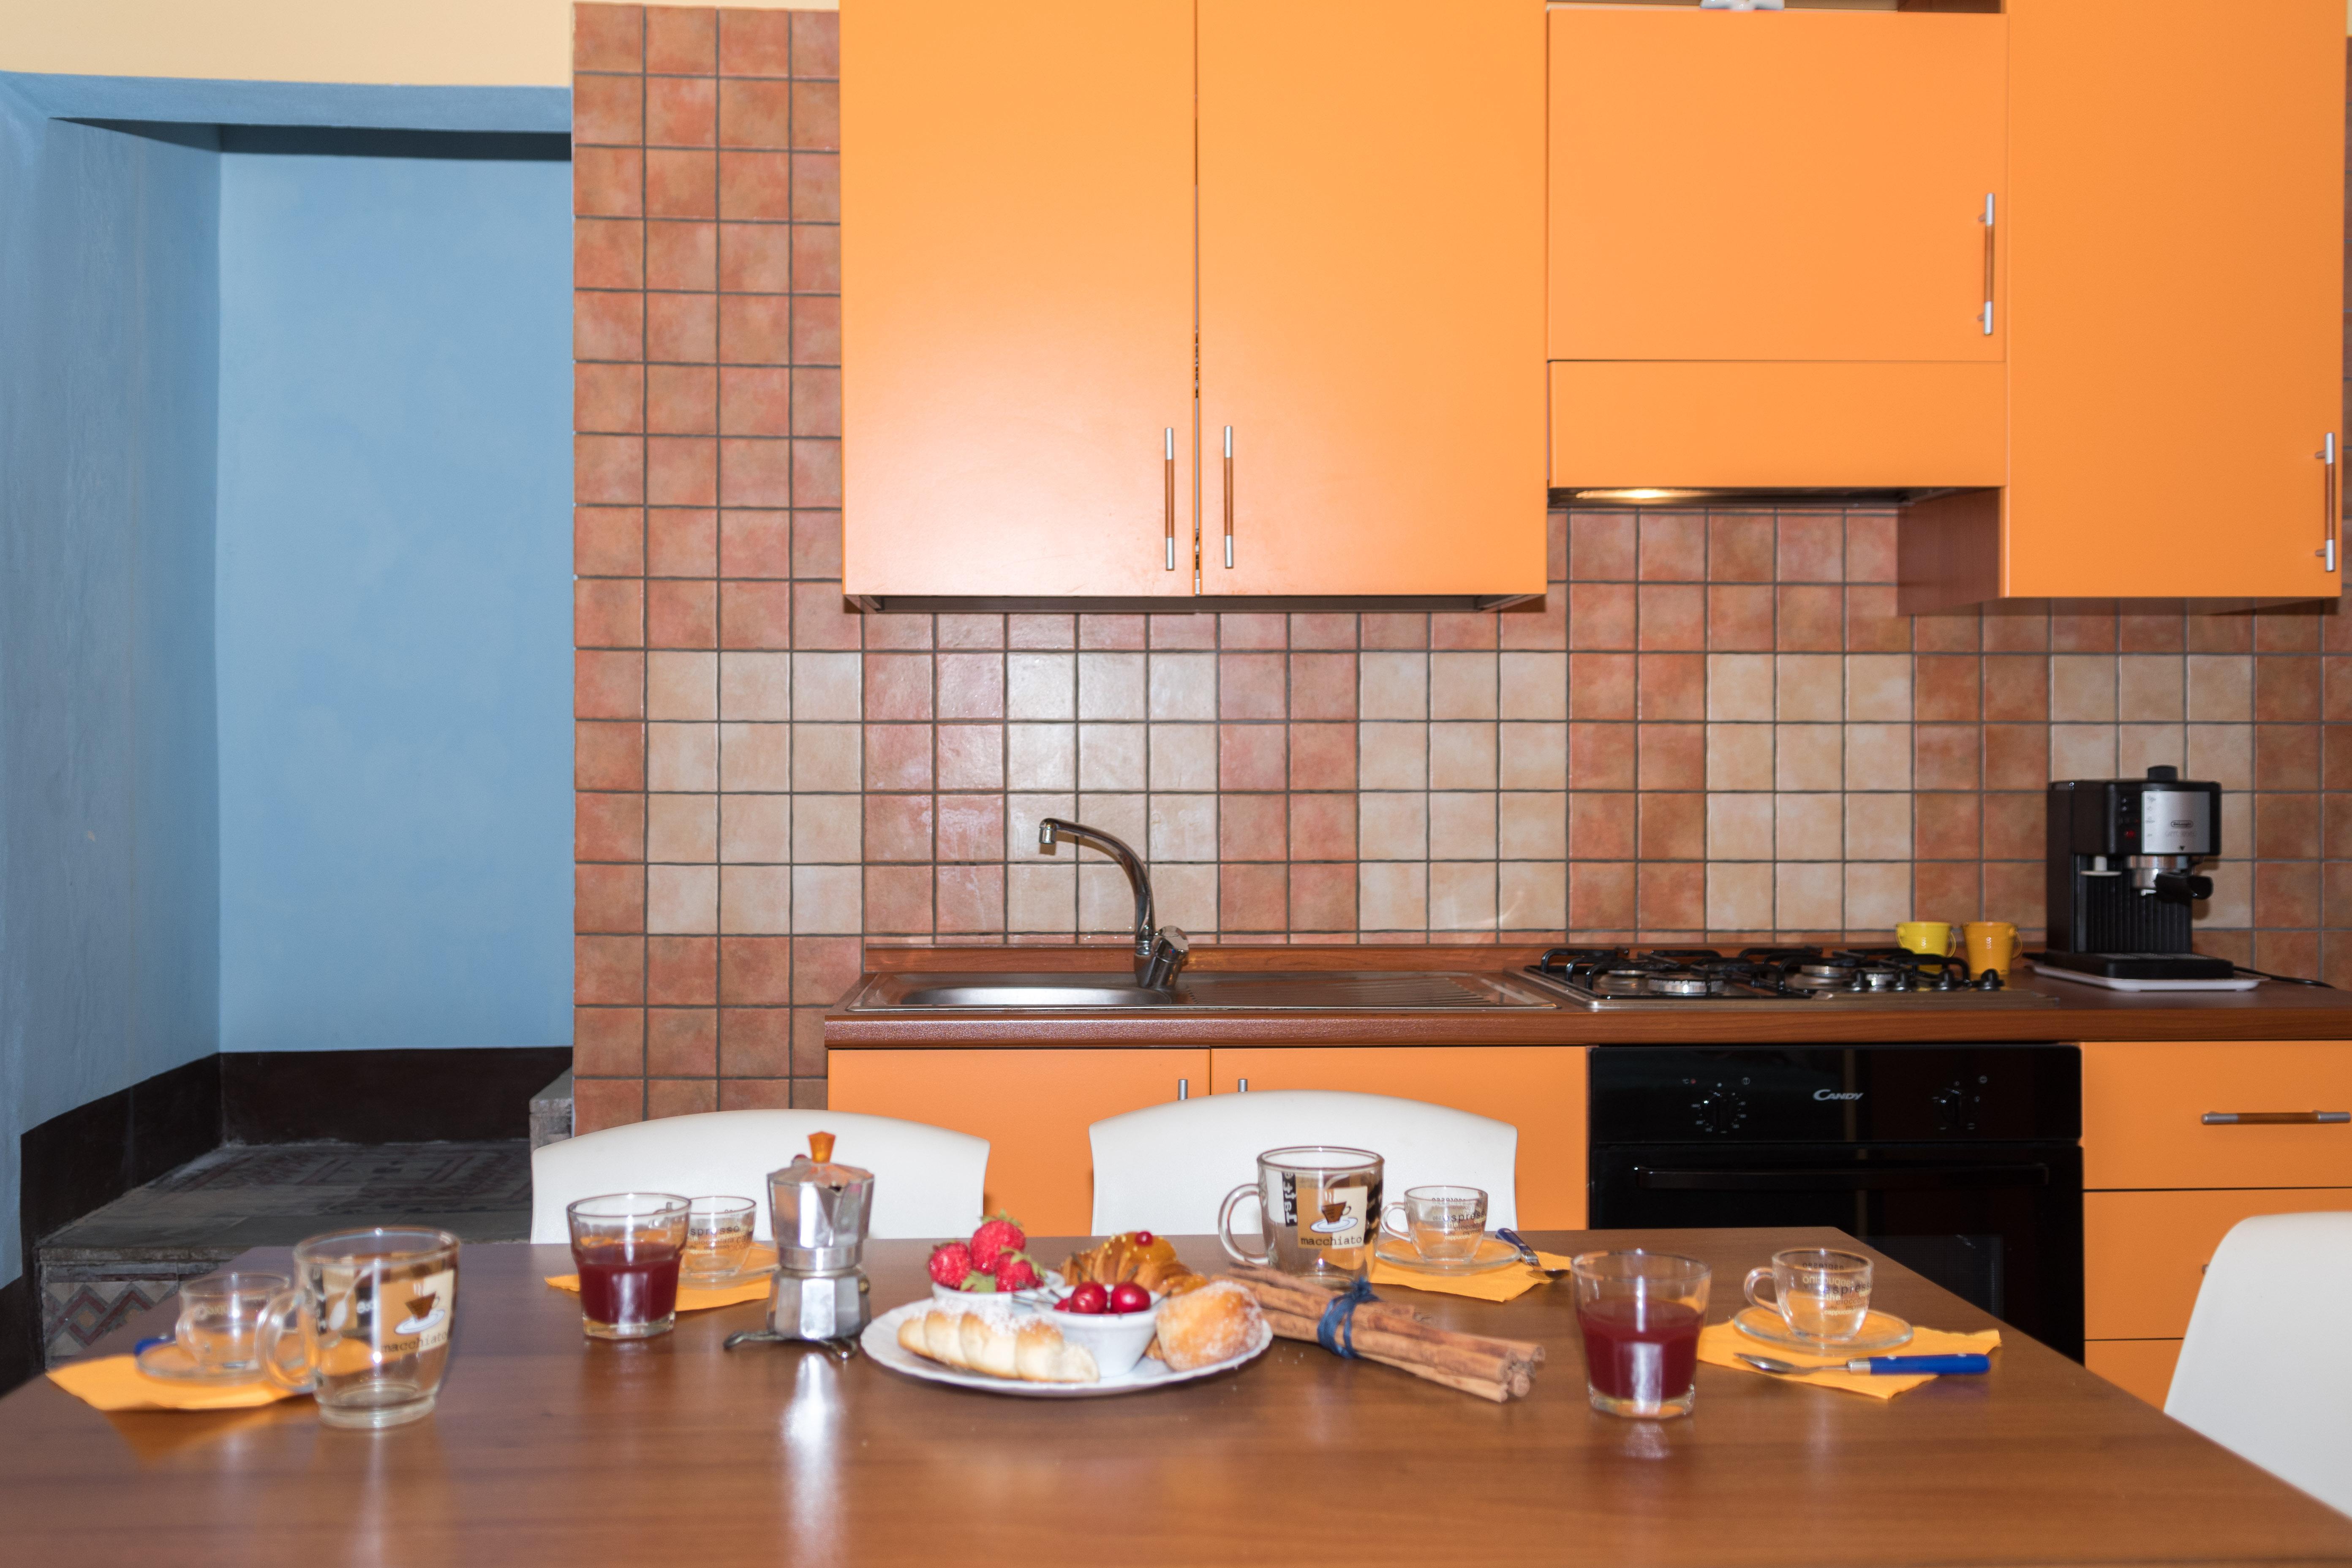 Cucina e piano cottura della cucina del trivani